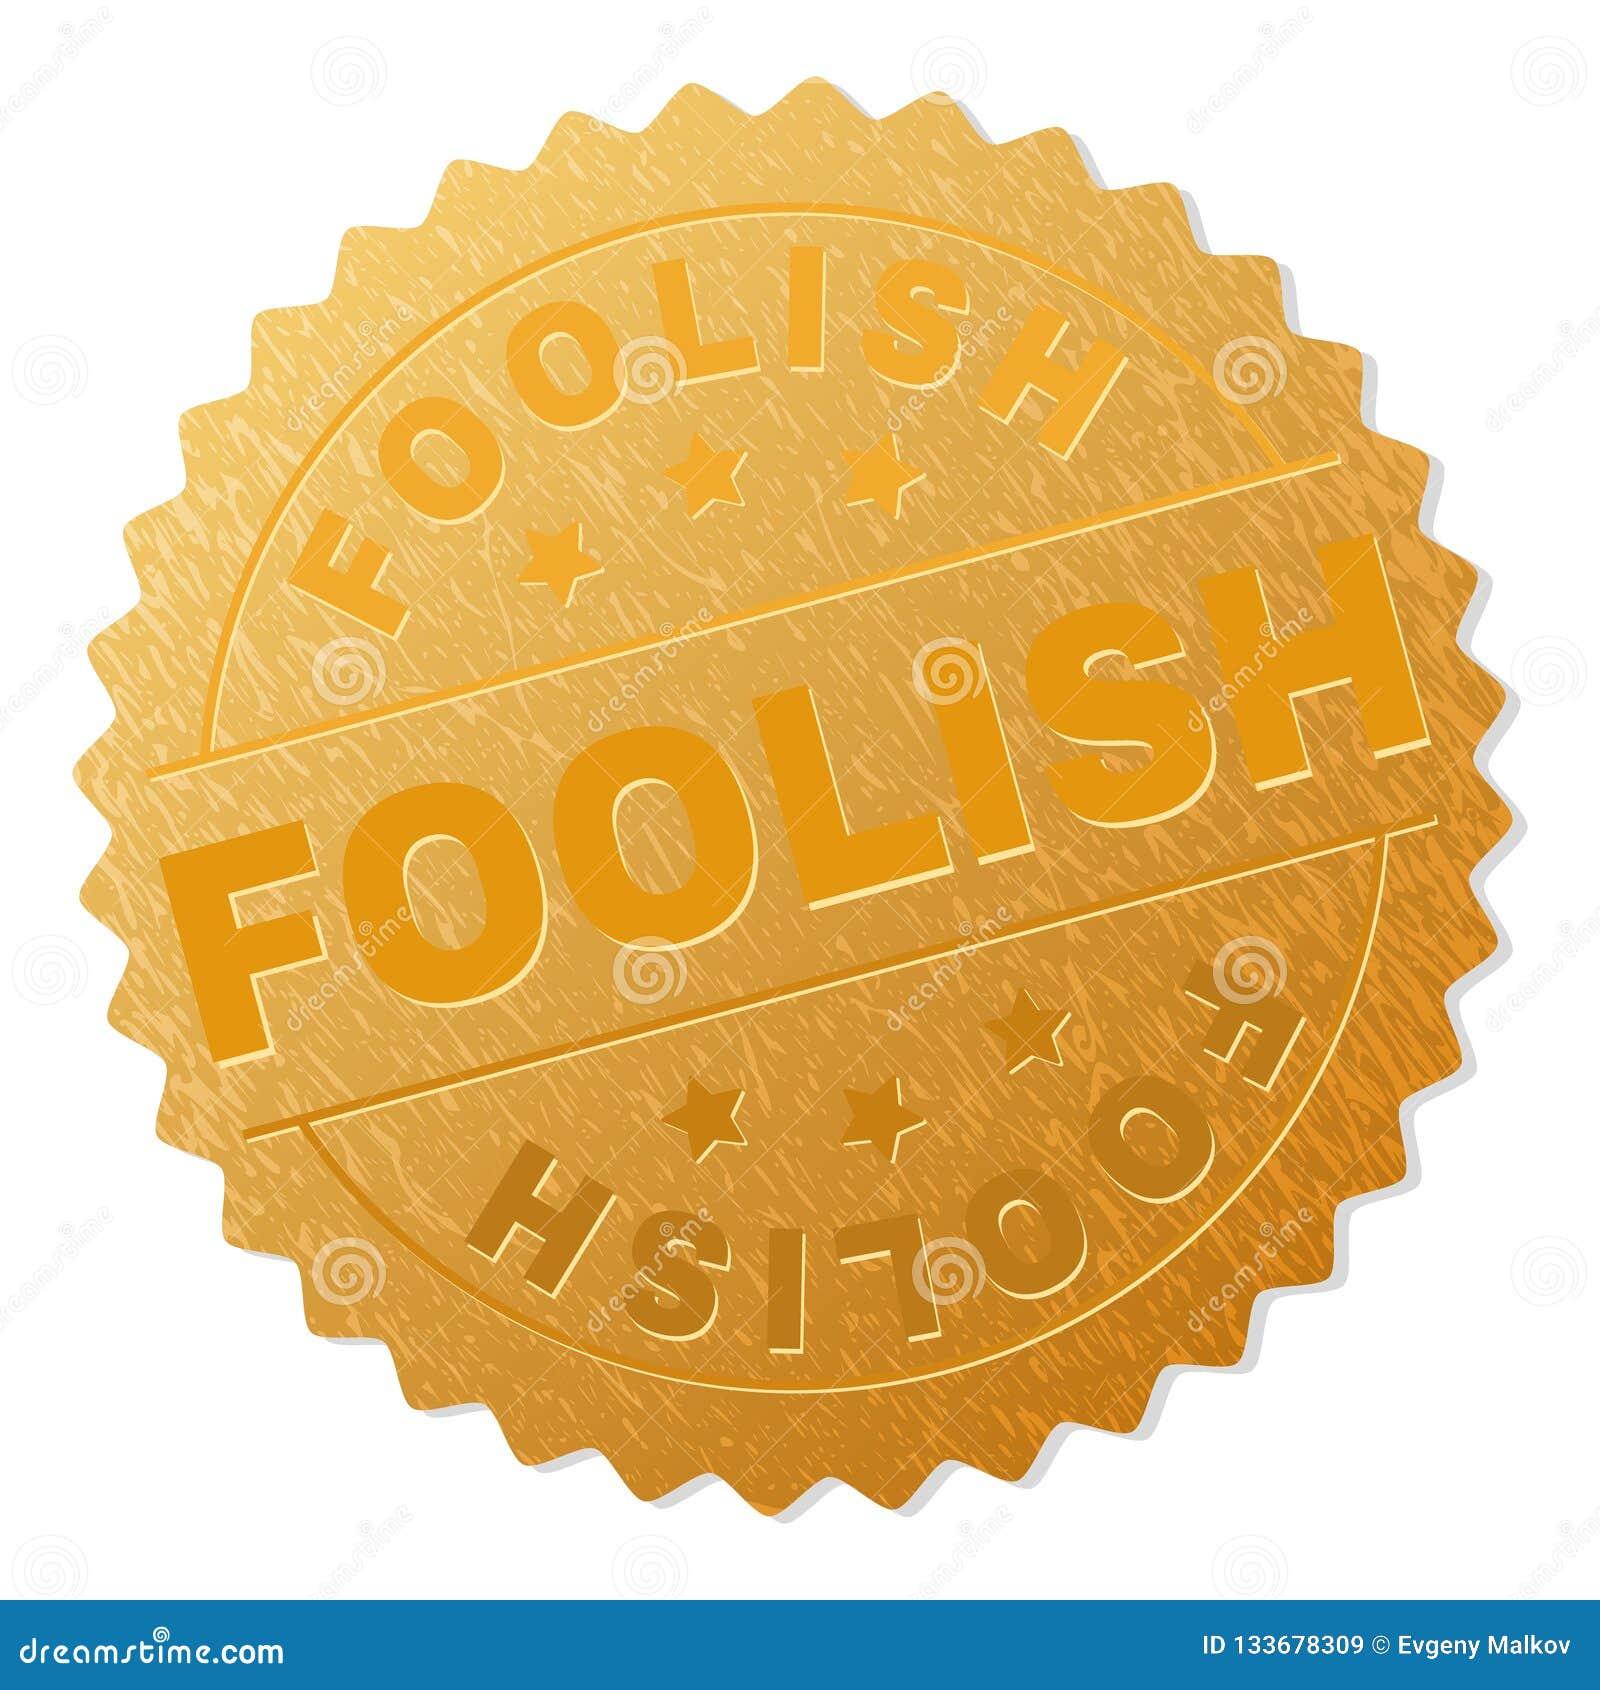 Gold FOOLISH Medal Stamp